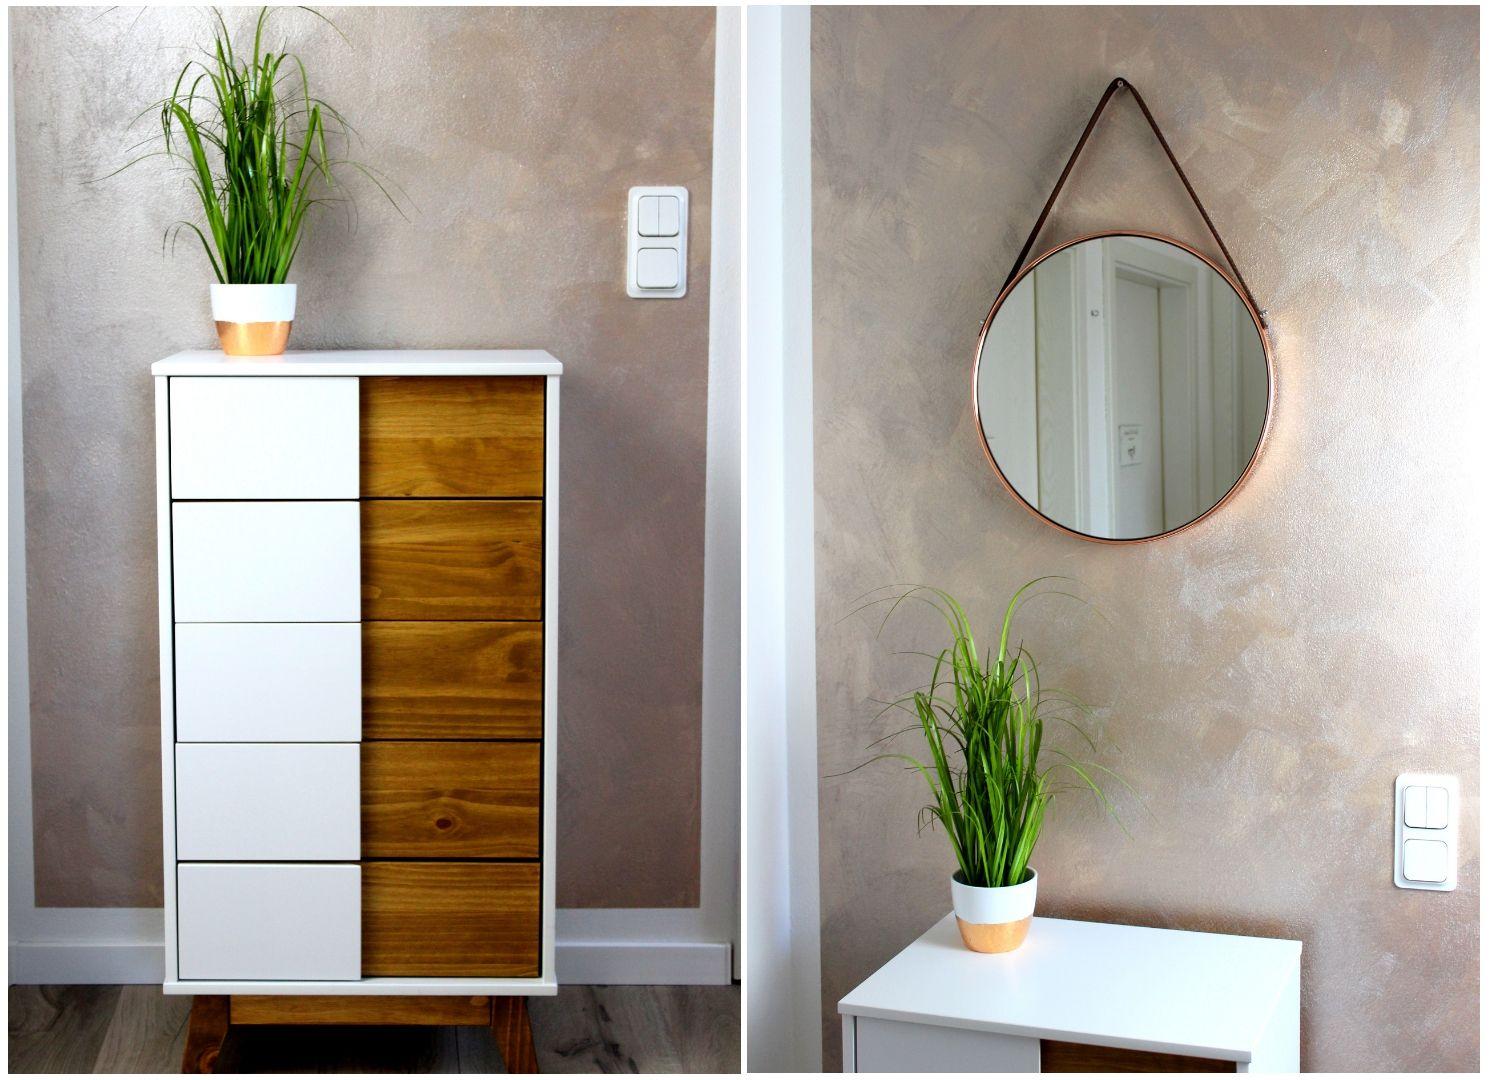 Diy Flur Make Over Inklusive Vorher Nachher Streich Tipps Wohnungsrenovierungen Wandfarbe Wohnung Renovierung